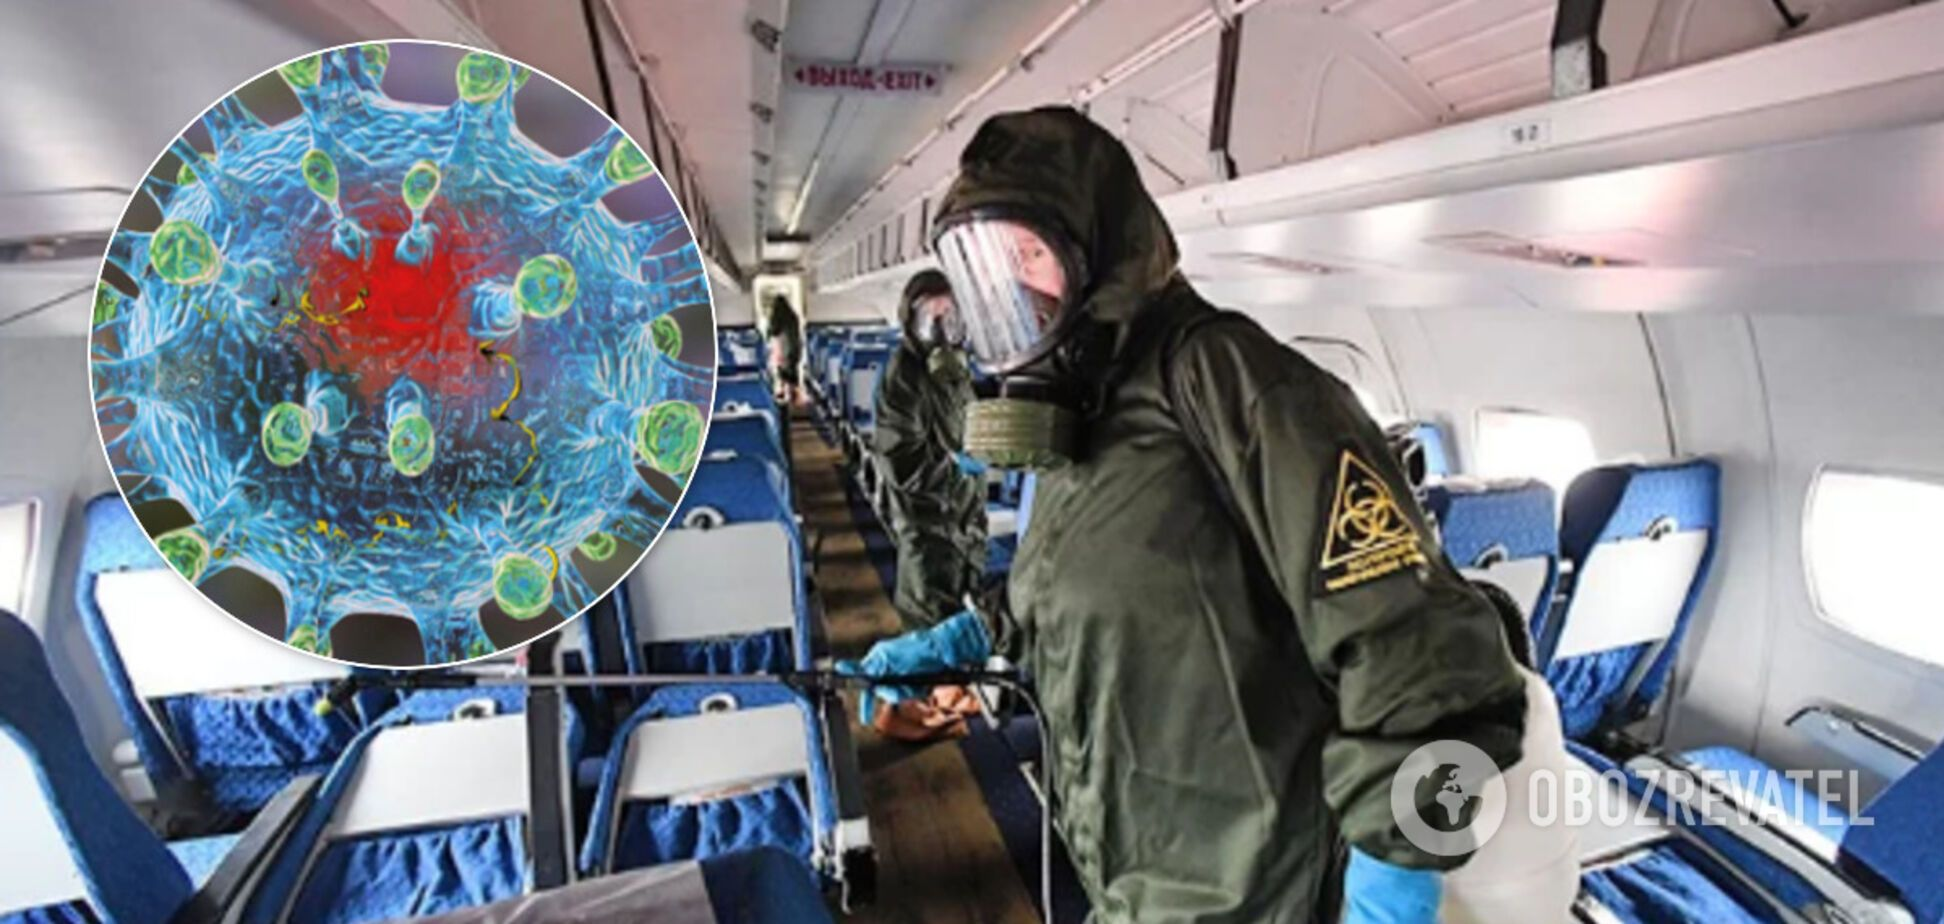 Евакуація українців із Китаю: у МОЗ пояснили, чому немає загрози зараження